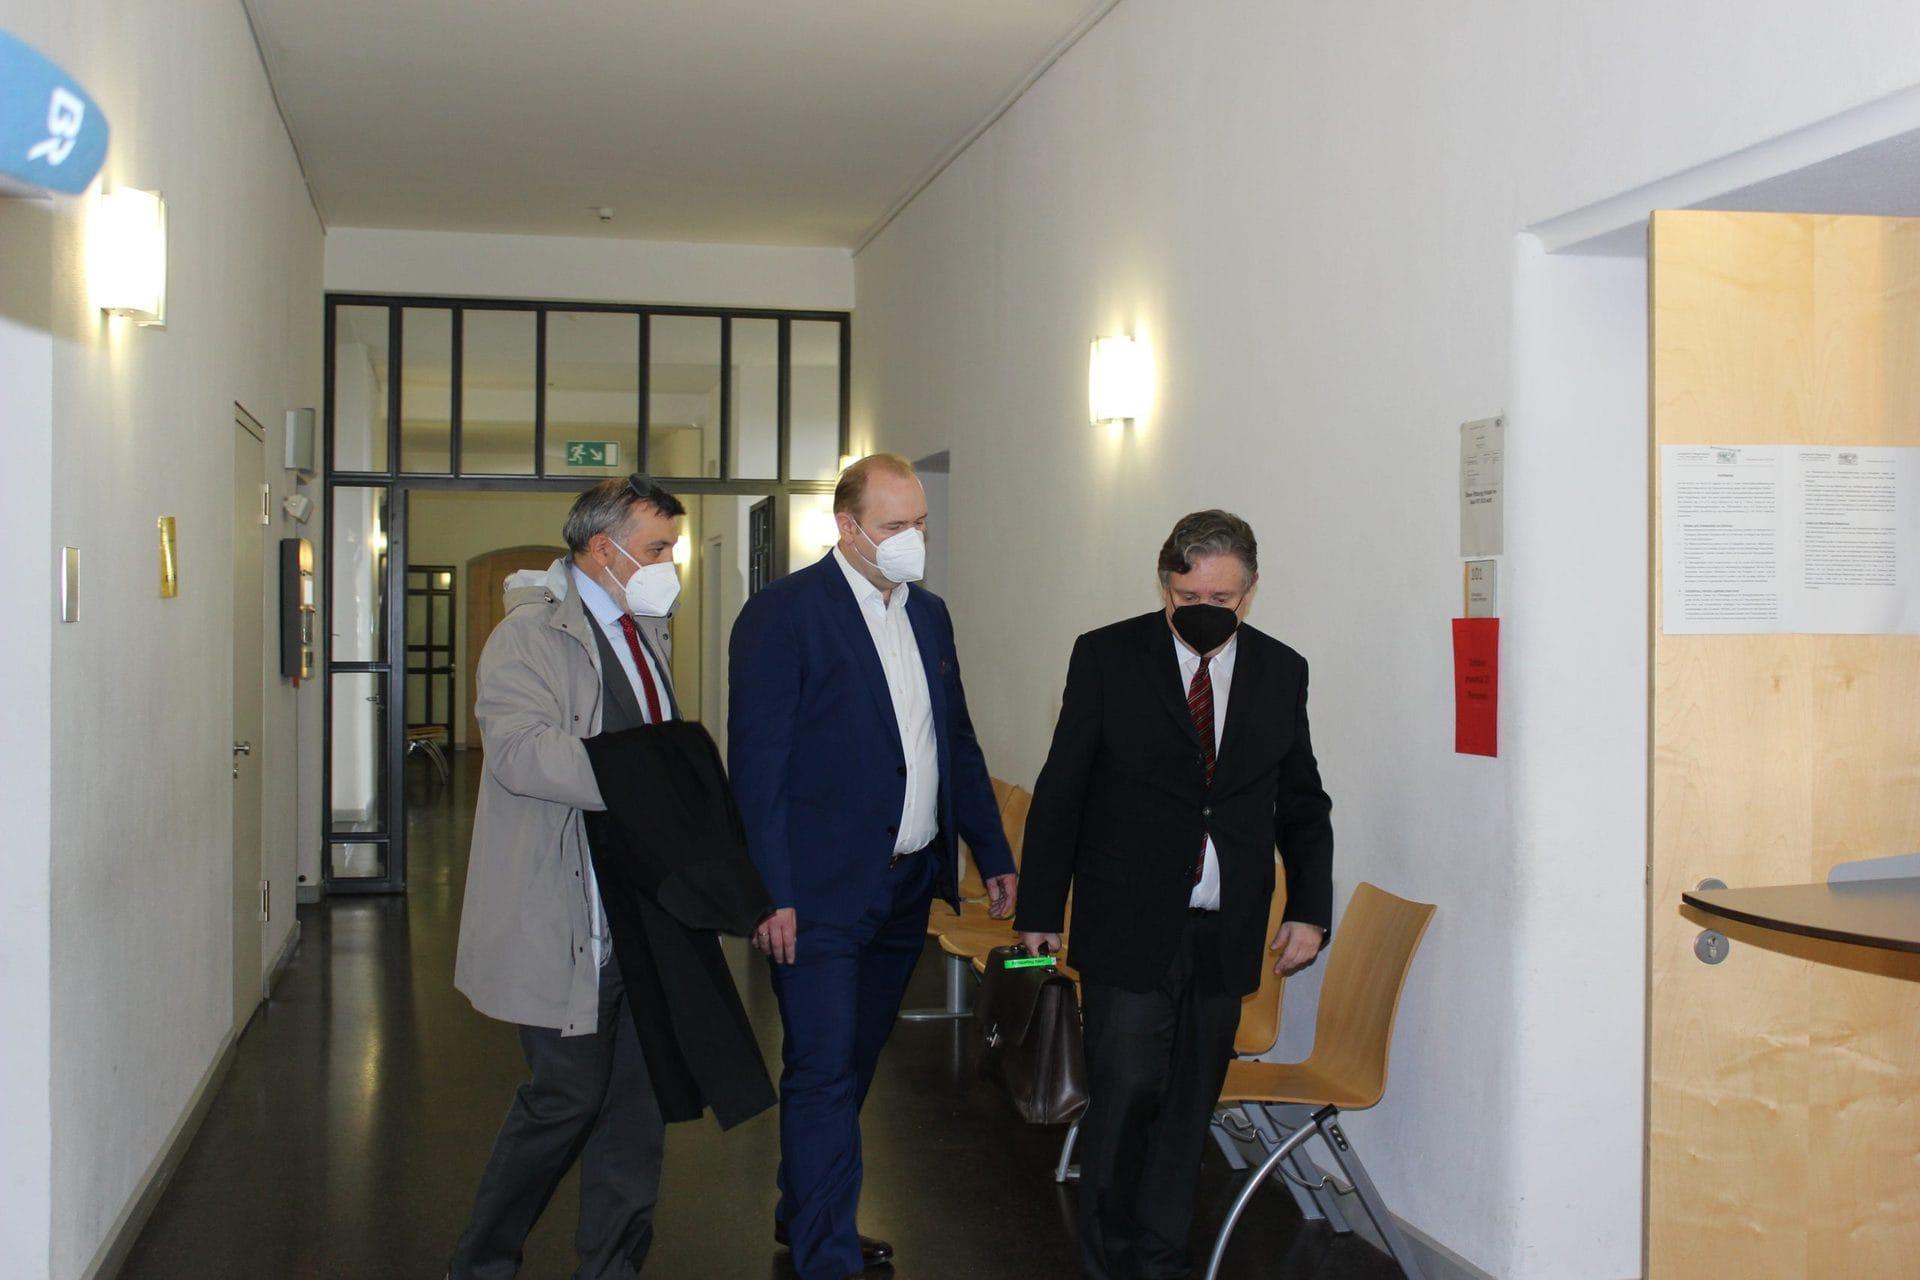 """Ex-OB-Kandidat Christian Schlegl zu Geldstrafe verurteilt """"Froh, dass es vorbei ist!"""""""